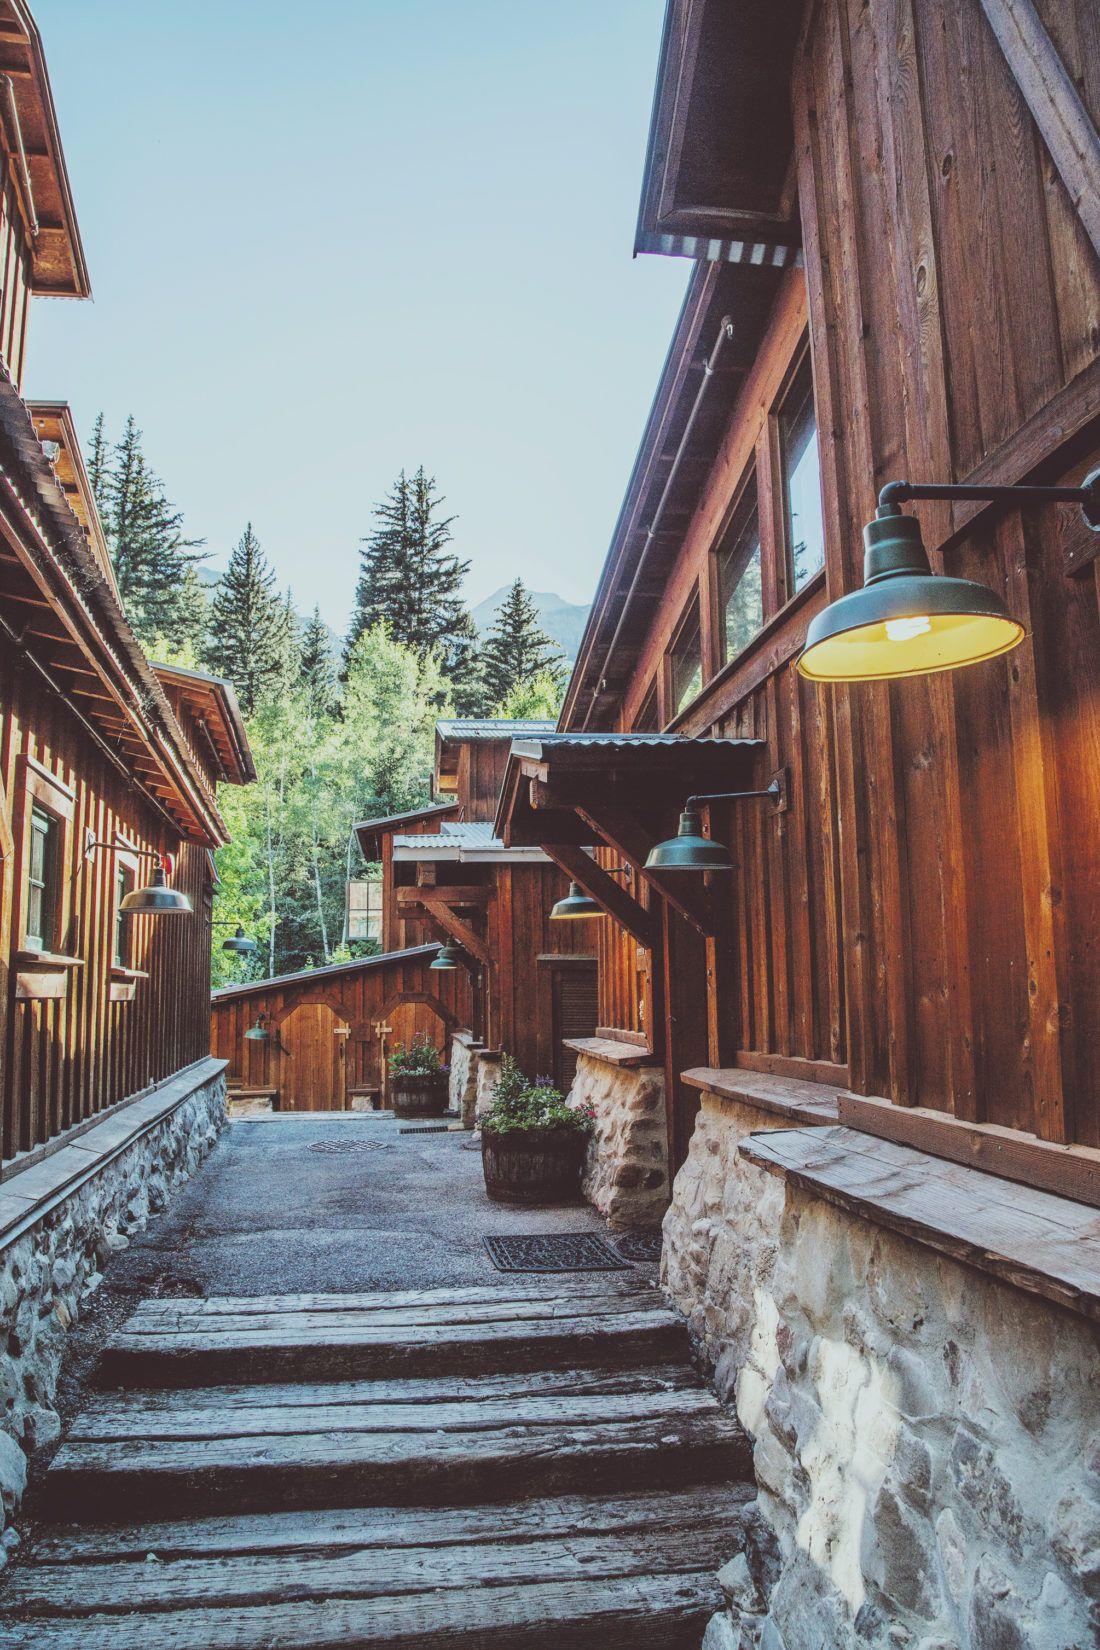 sundance, ut - sundance mountain resort, founded by robert redford